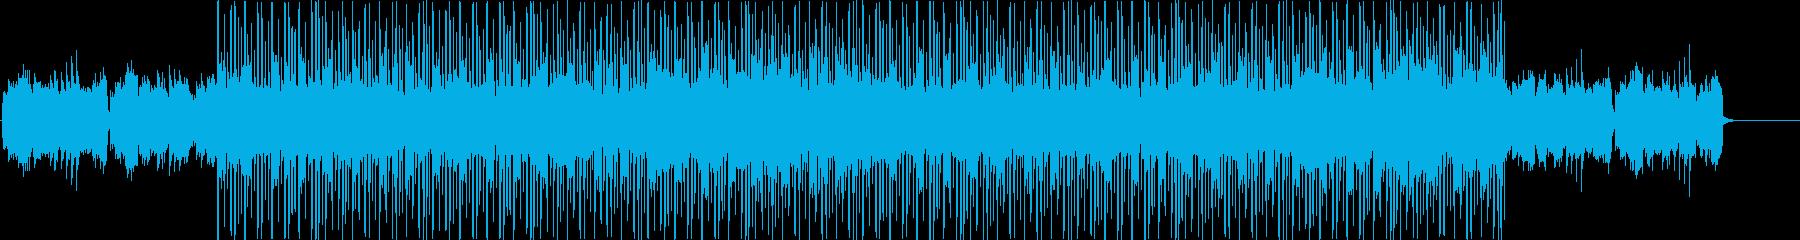 メロウなLO FIでCHILL なBGMの再生済みの波形